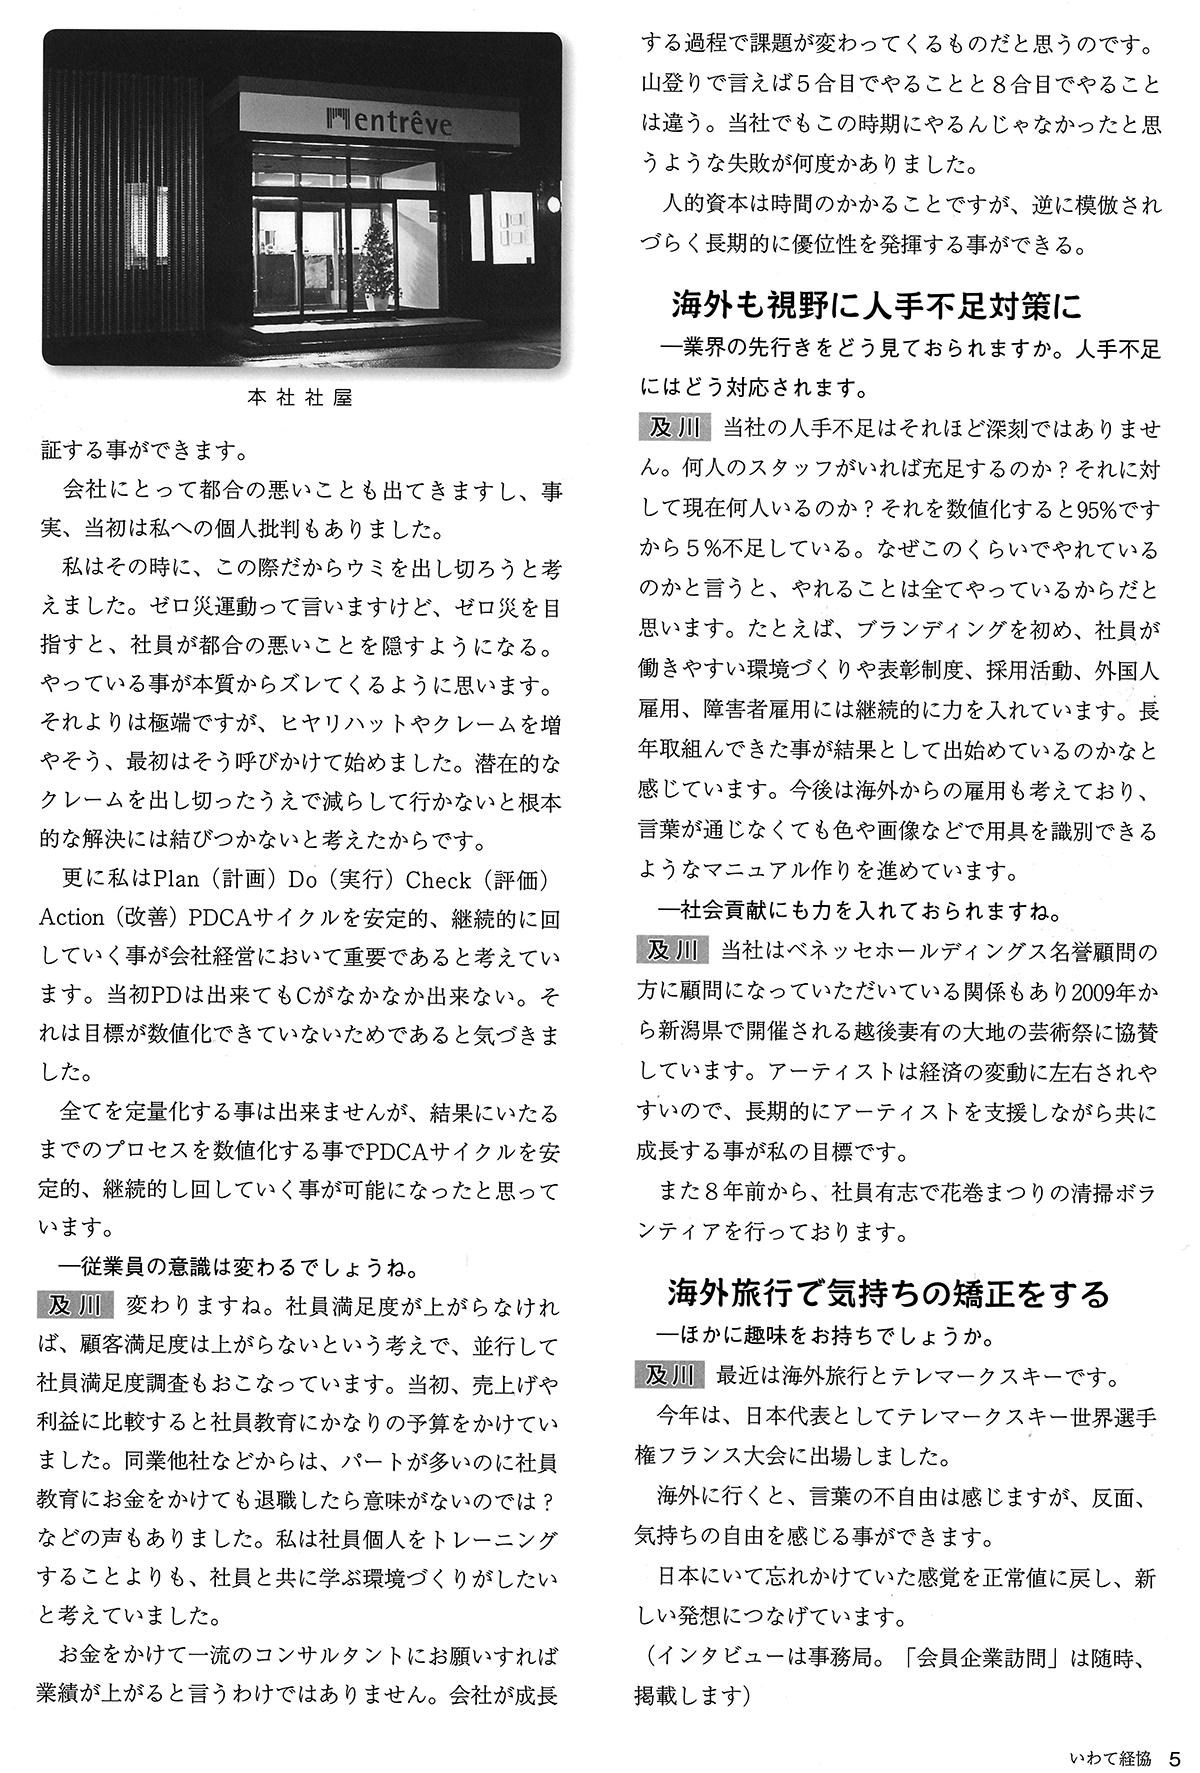 いわて経協5月号